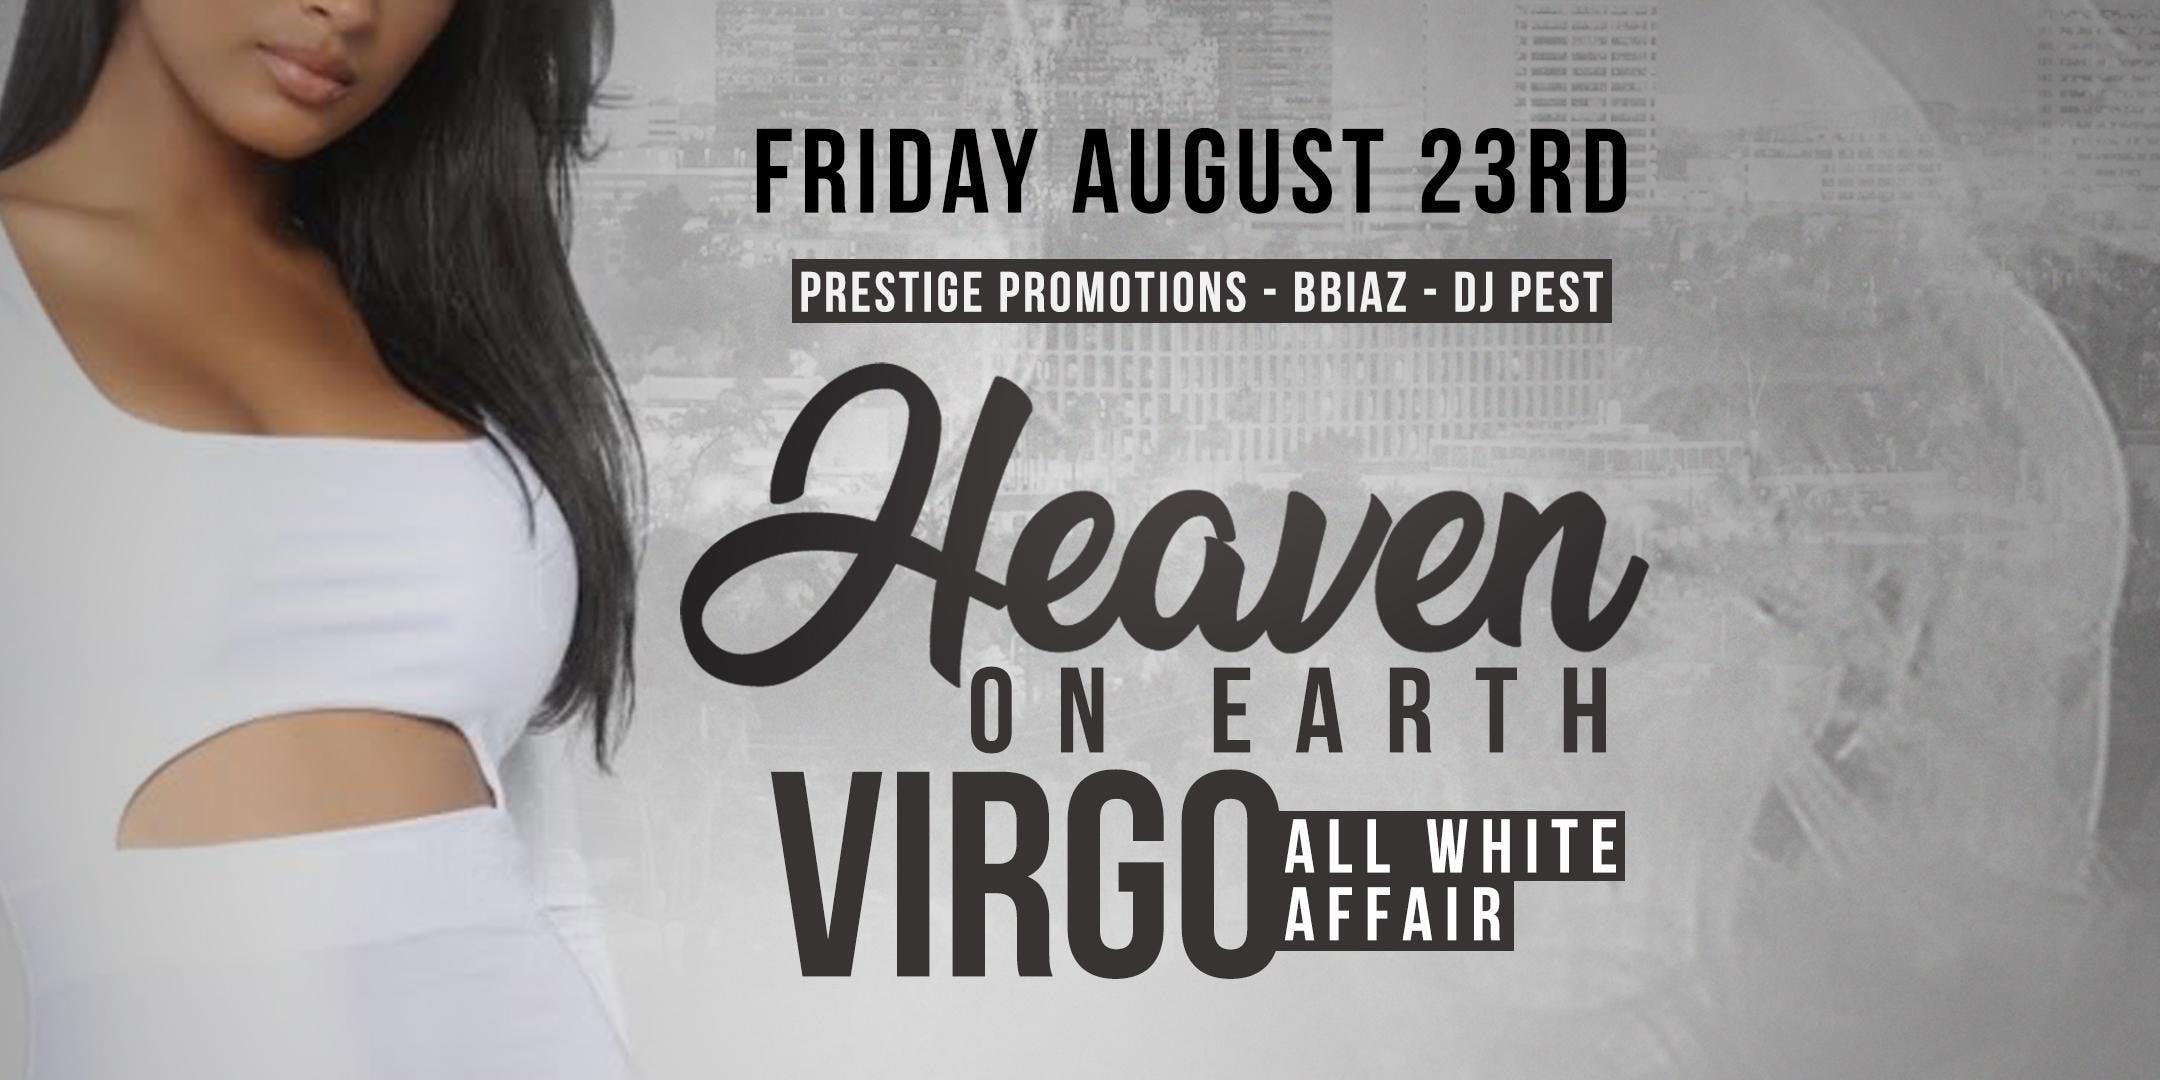 Heaven On Earth Virgo All White Affair